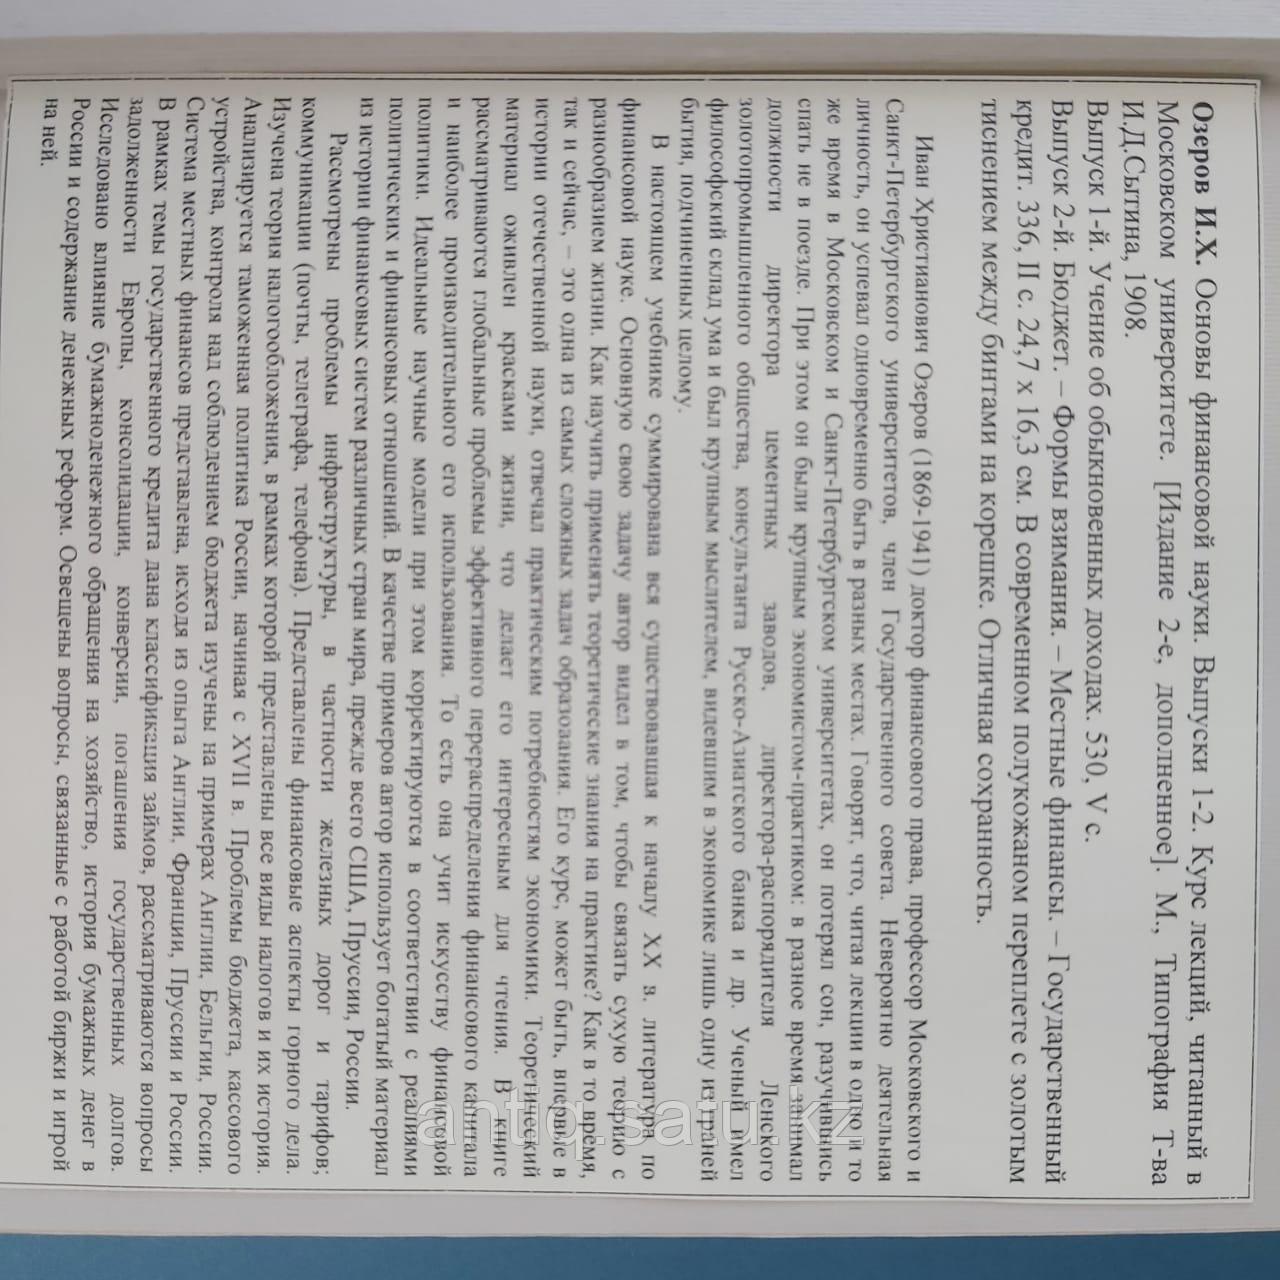 Основы финансовой науки. Автор: И.Х. Озеров. Москва, 1908 год, прижизненное издание. - фото 9